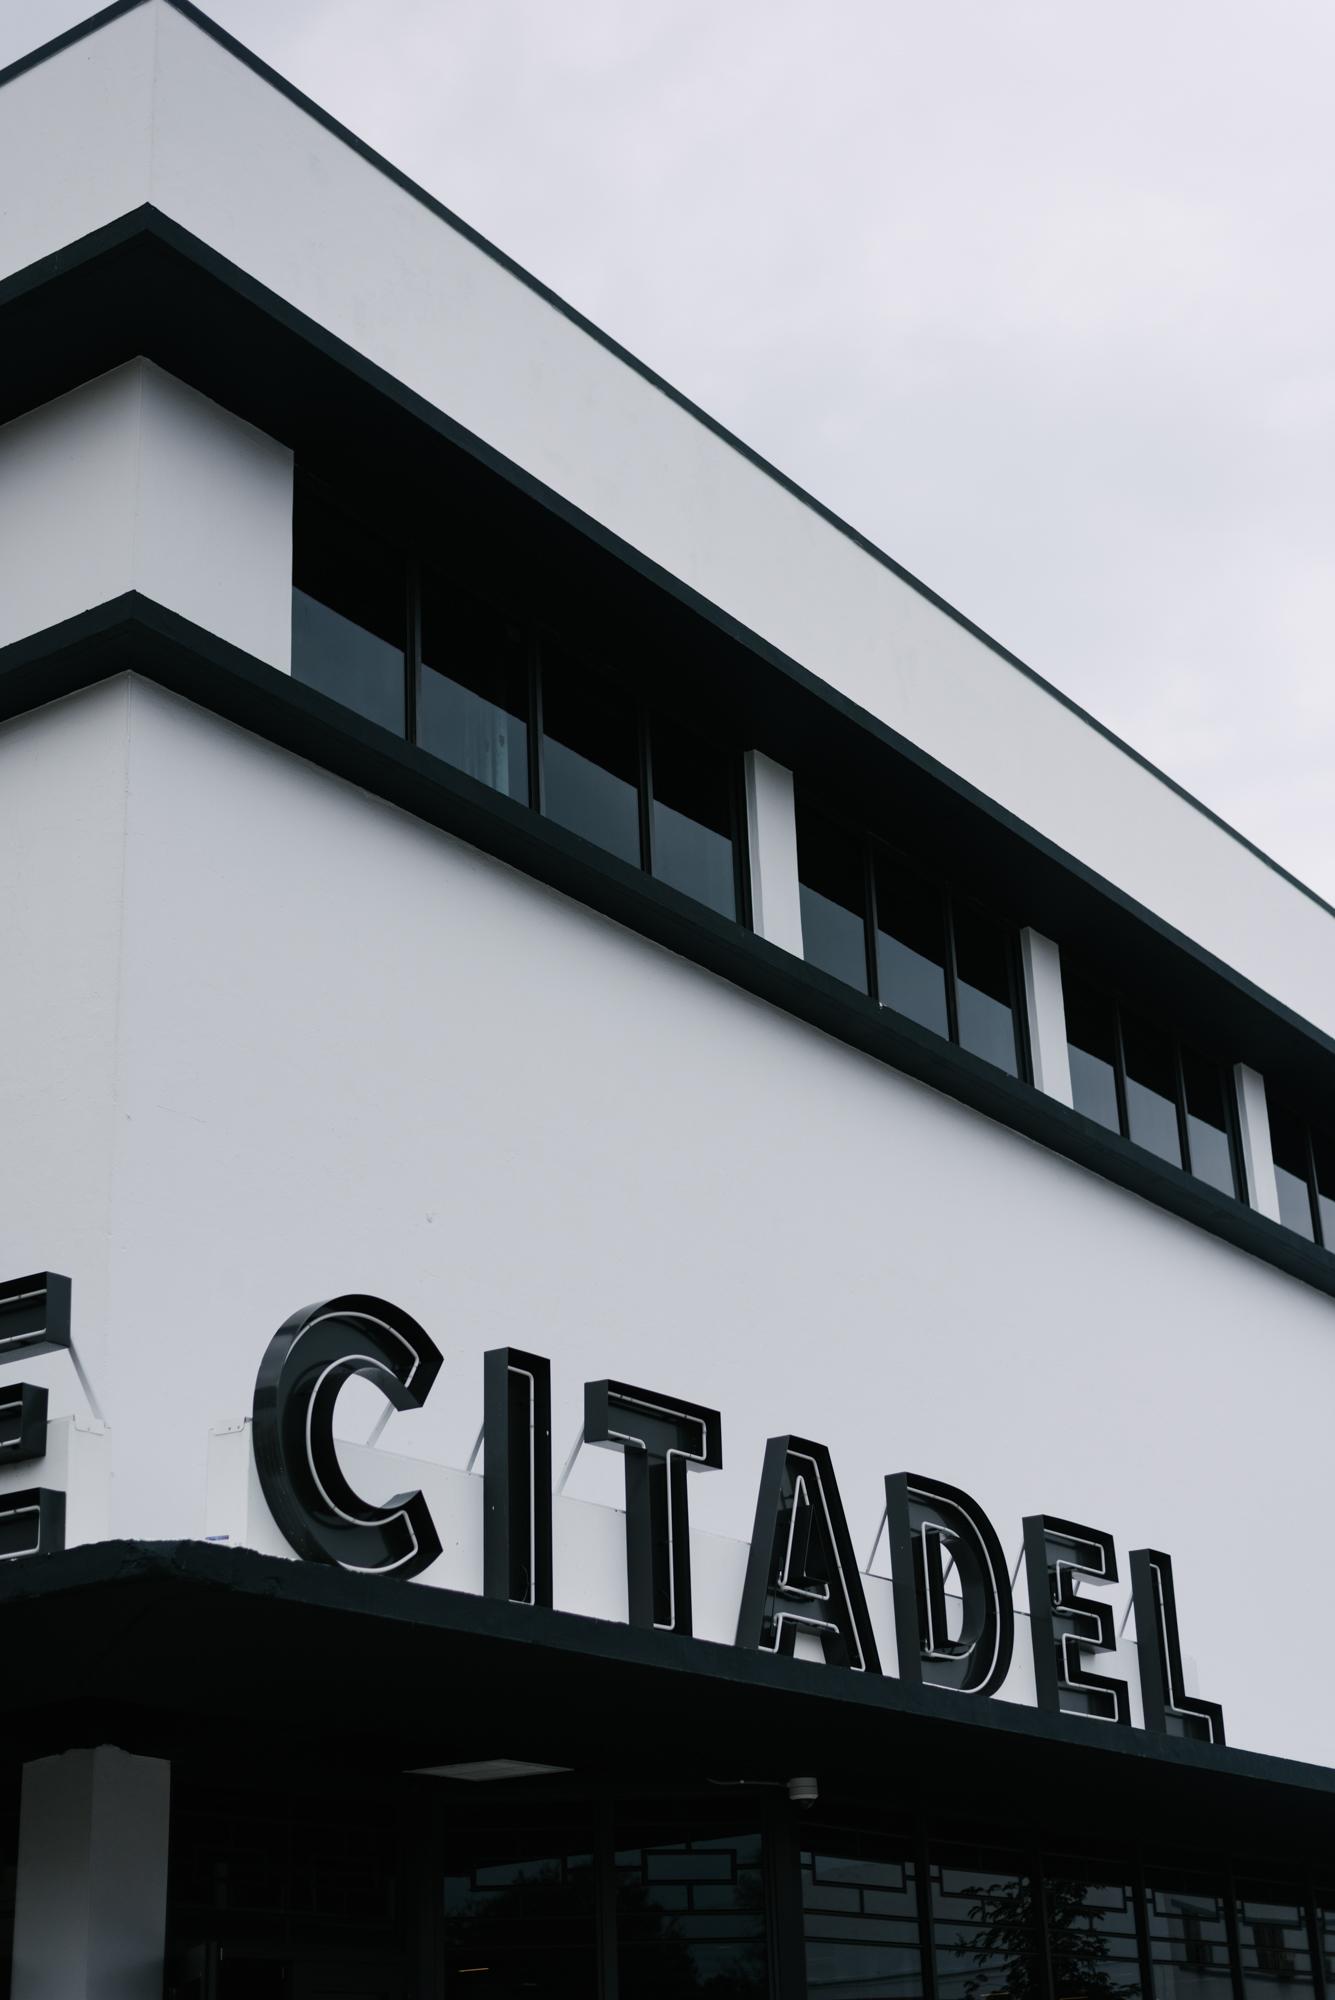 Photo: thecitadel.com